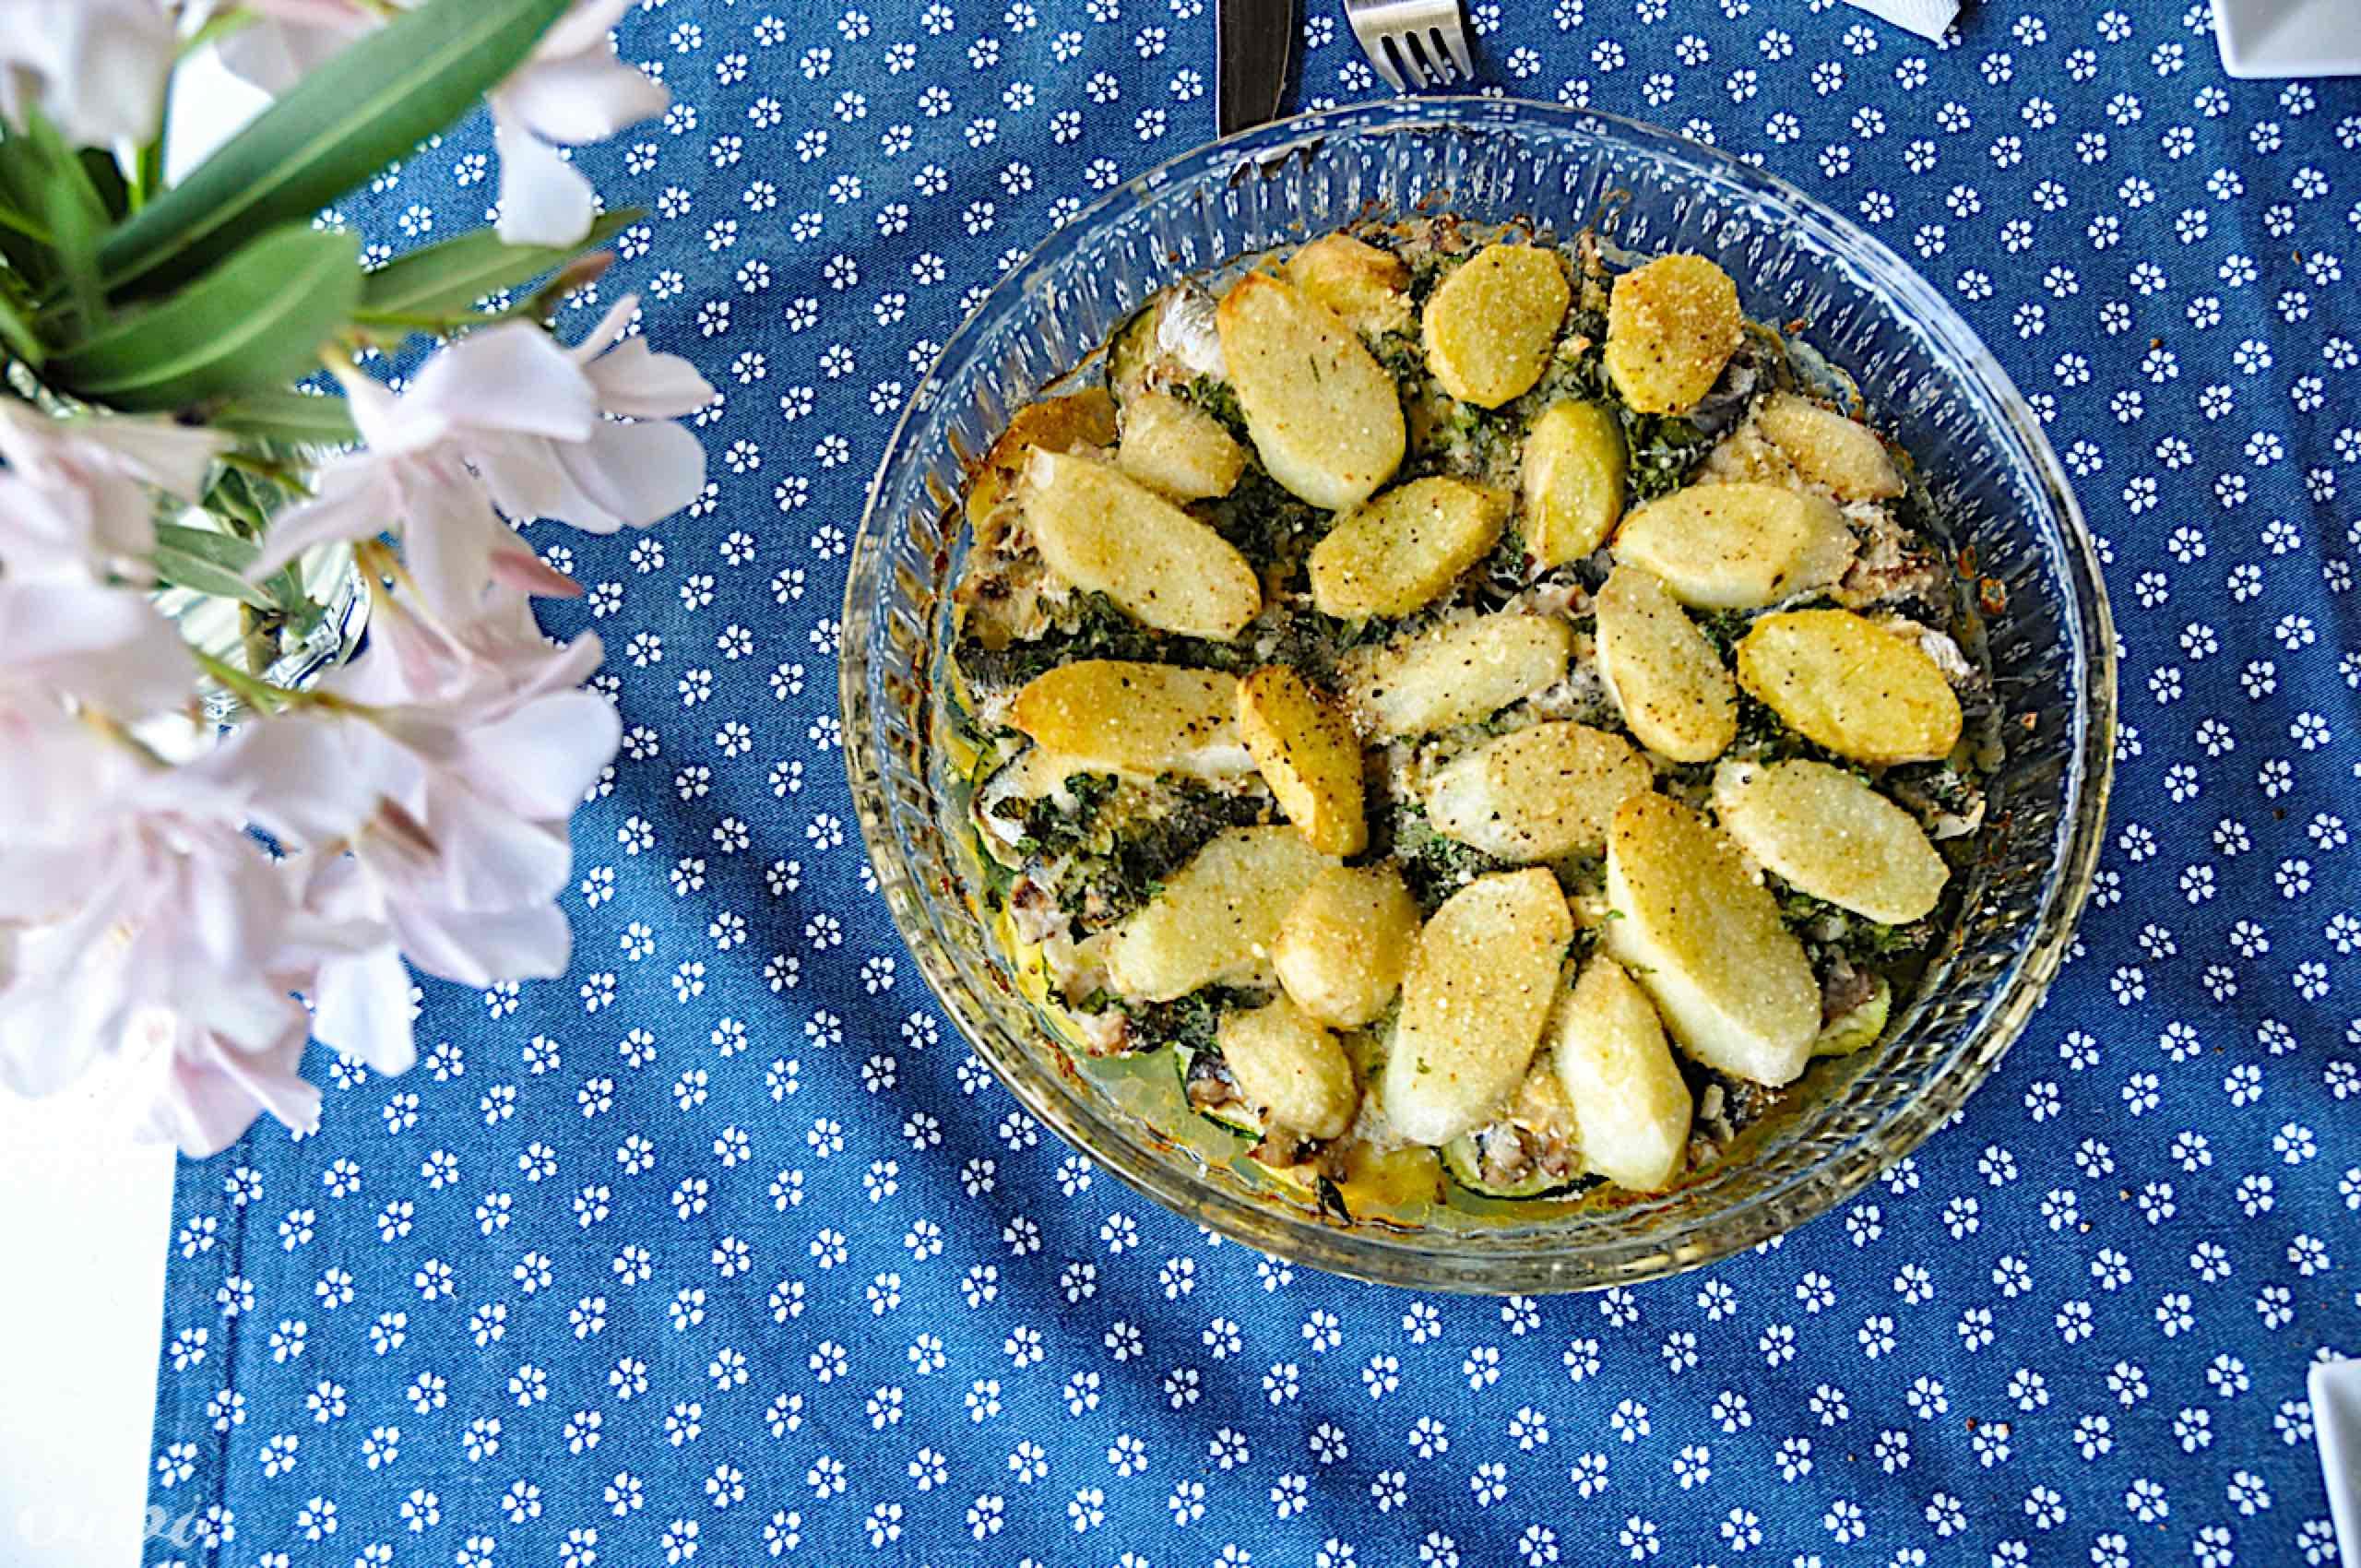 sardele s krompirjem v pečici